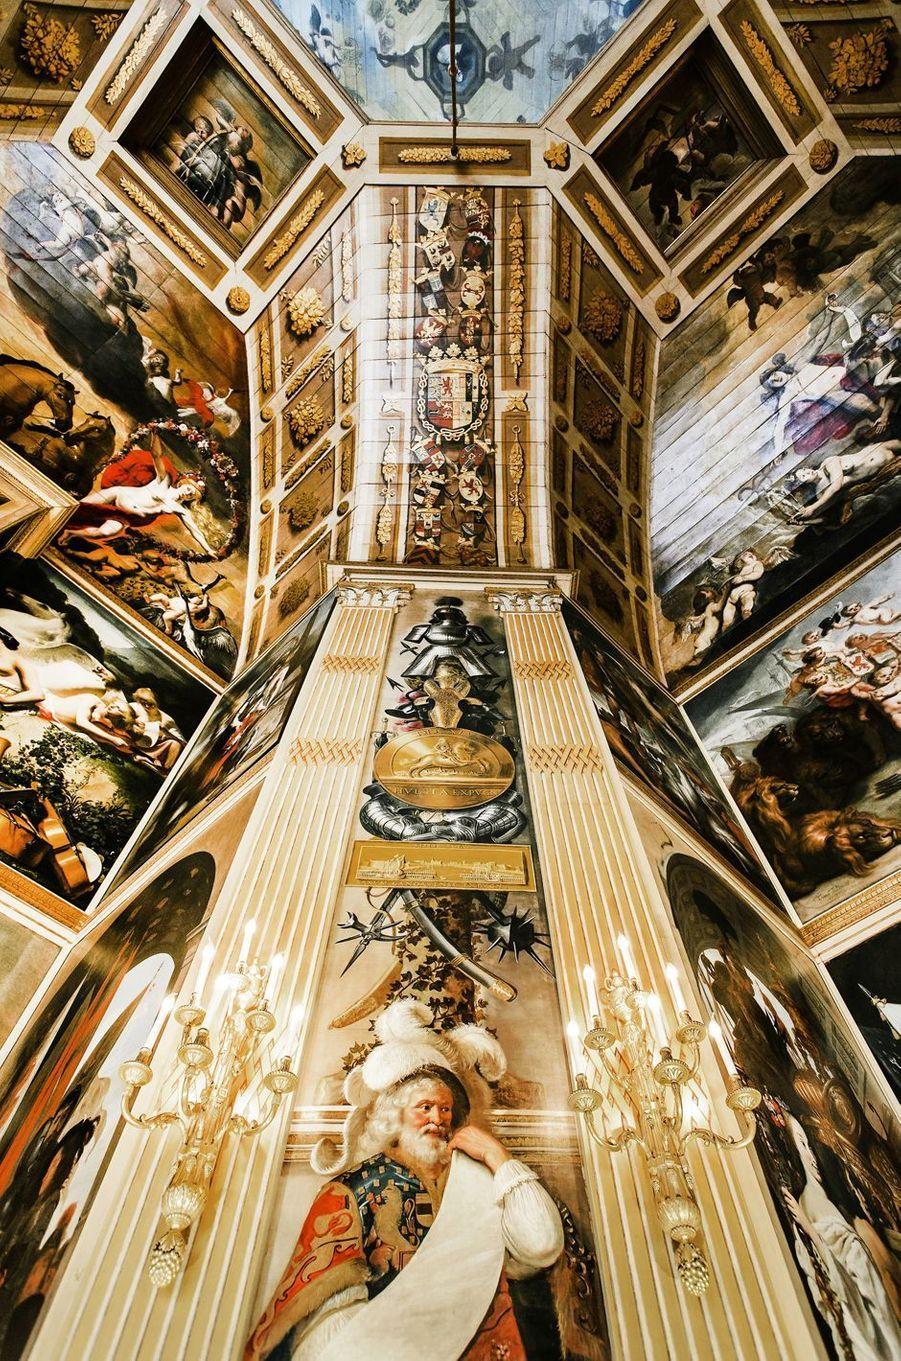 Détail de l'Oranjezaal du palais de la Huis ten Bosch à La Haye, le 4 septembre 2015